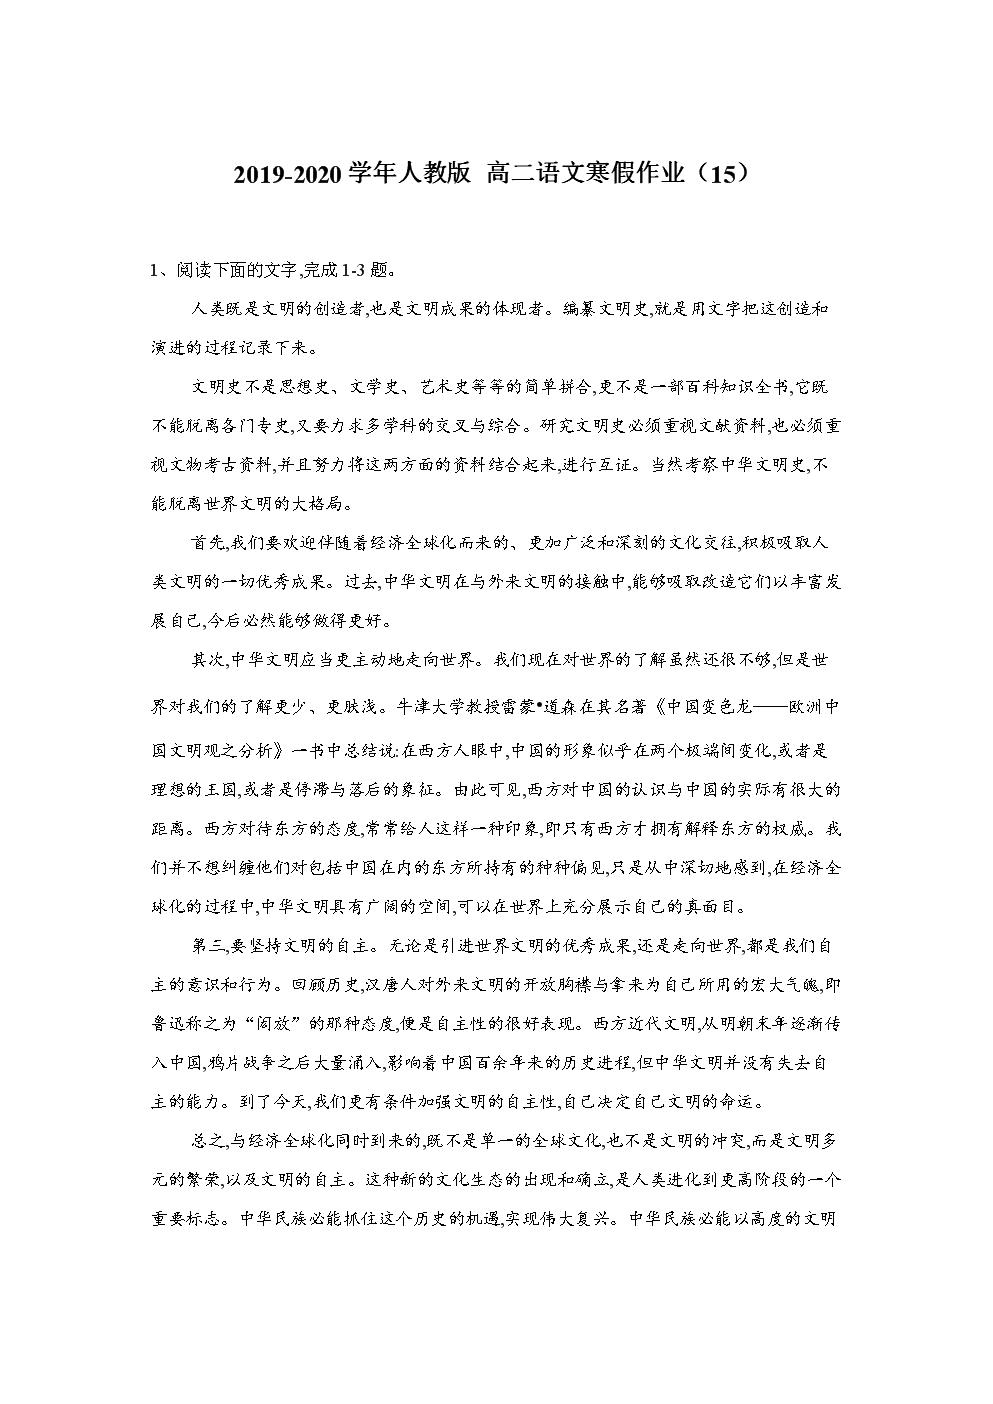 2019-2020学年人教版 高二语文寒假作业(15) Word版含答案.doc